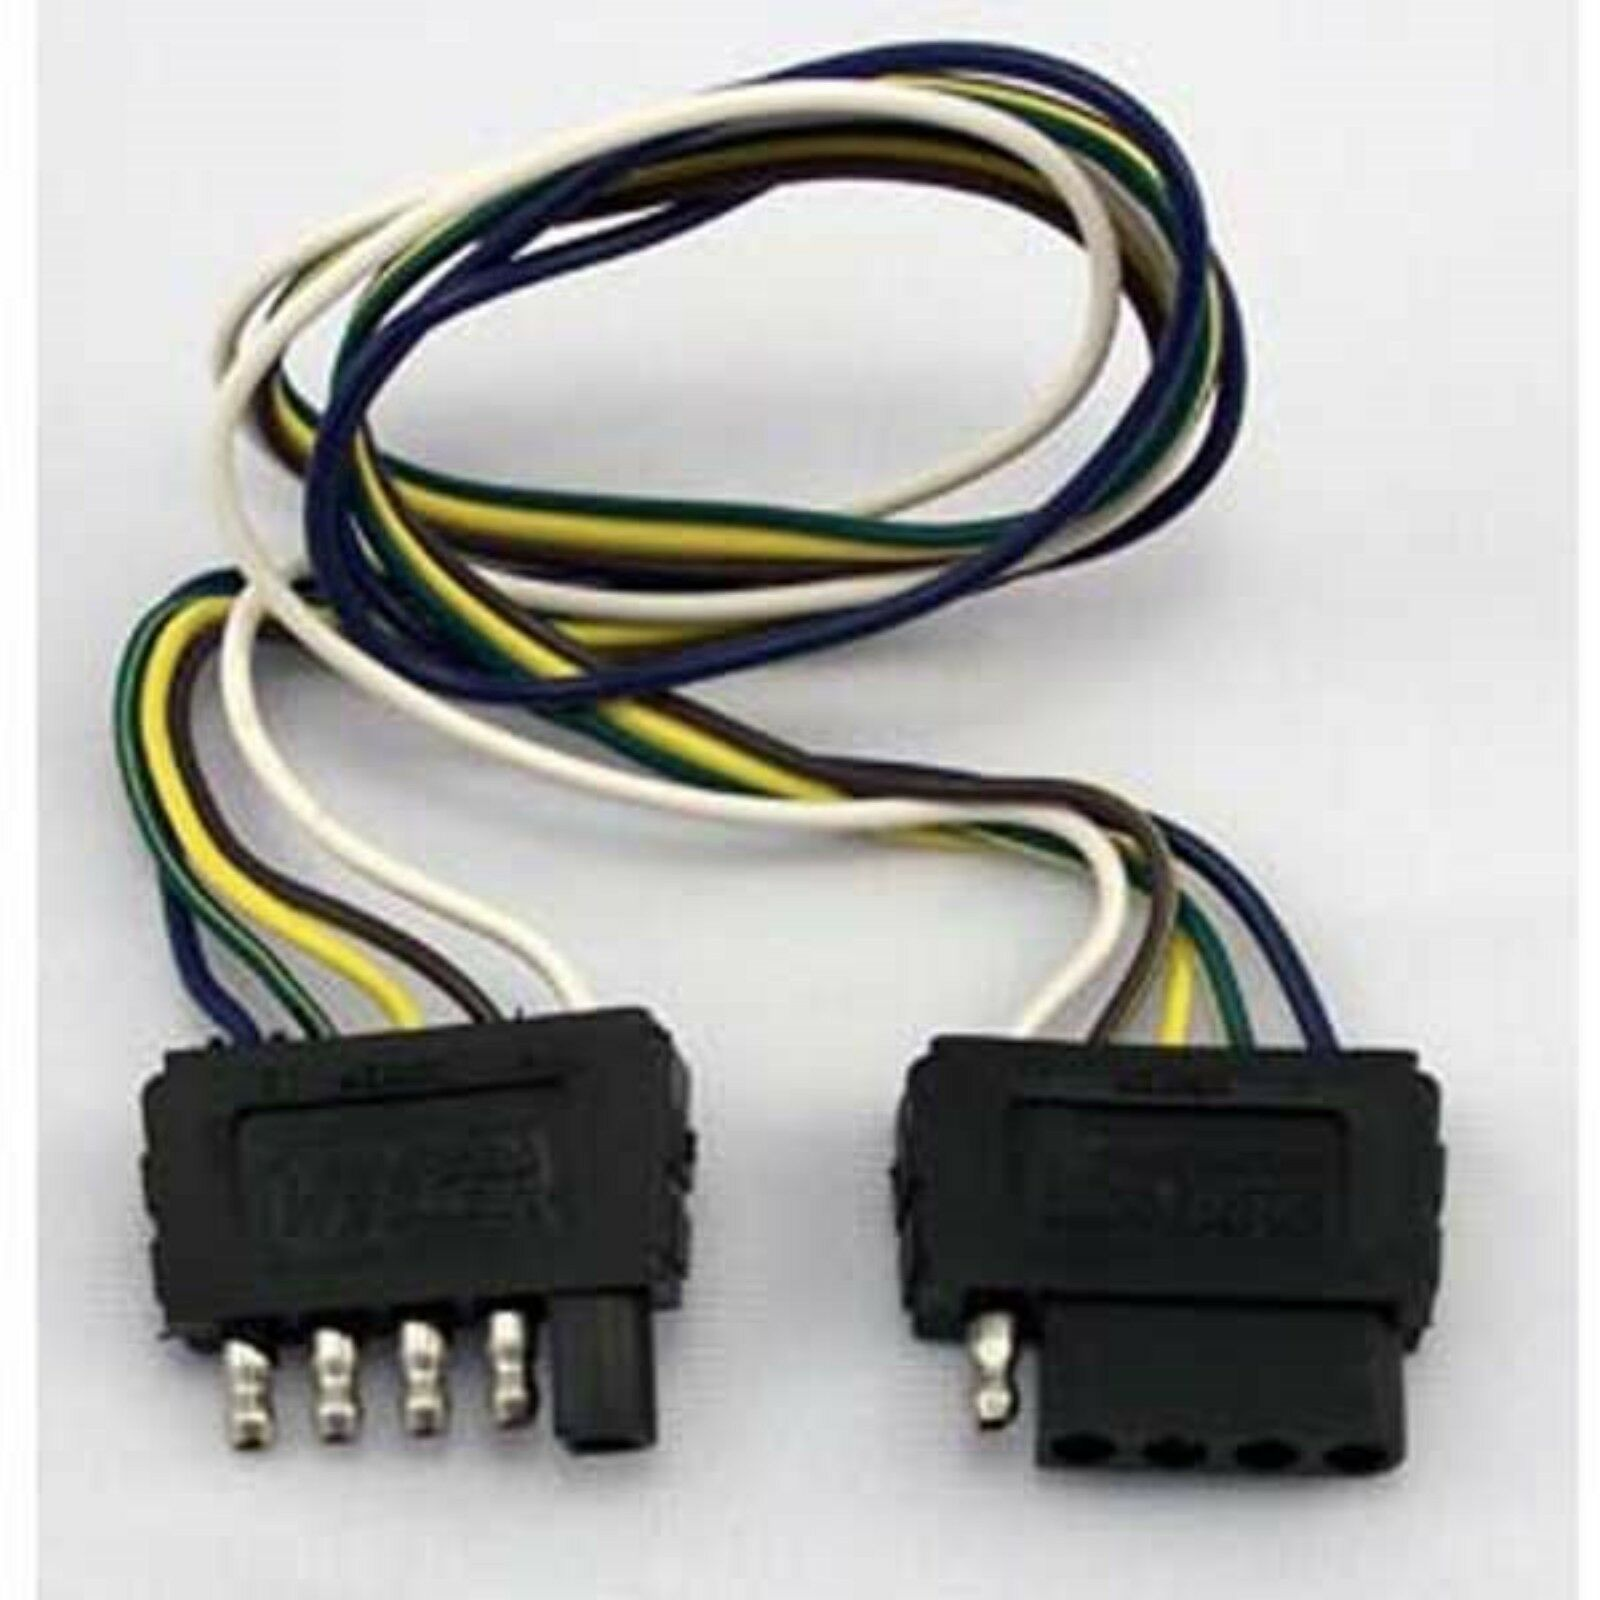 Wesbar Wiring Harness Detailed Schematics Diagram 5 Wire Trailer 707255 Way Extension Ebay Camper